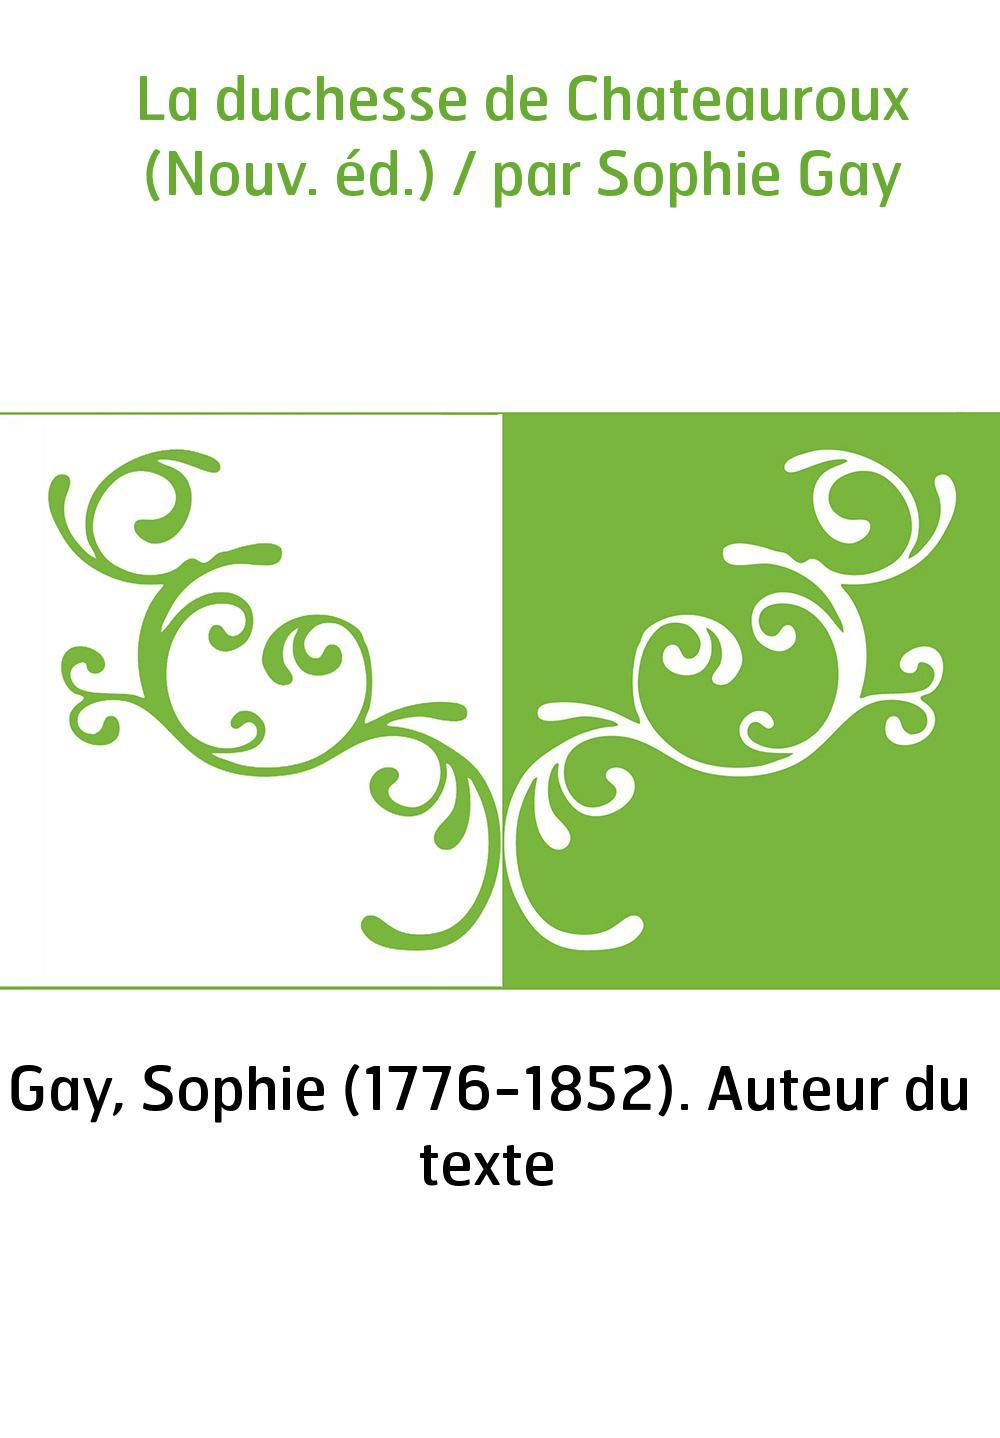 La duchesse de Chateauroux (Nouv. éd.) / par Sophie Gay